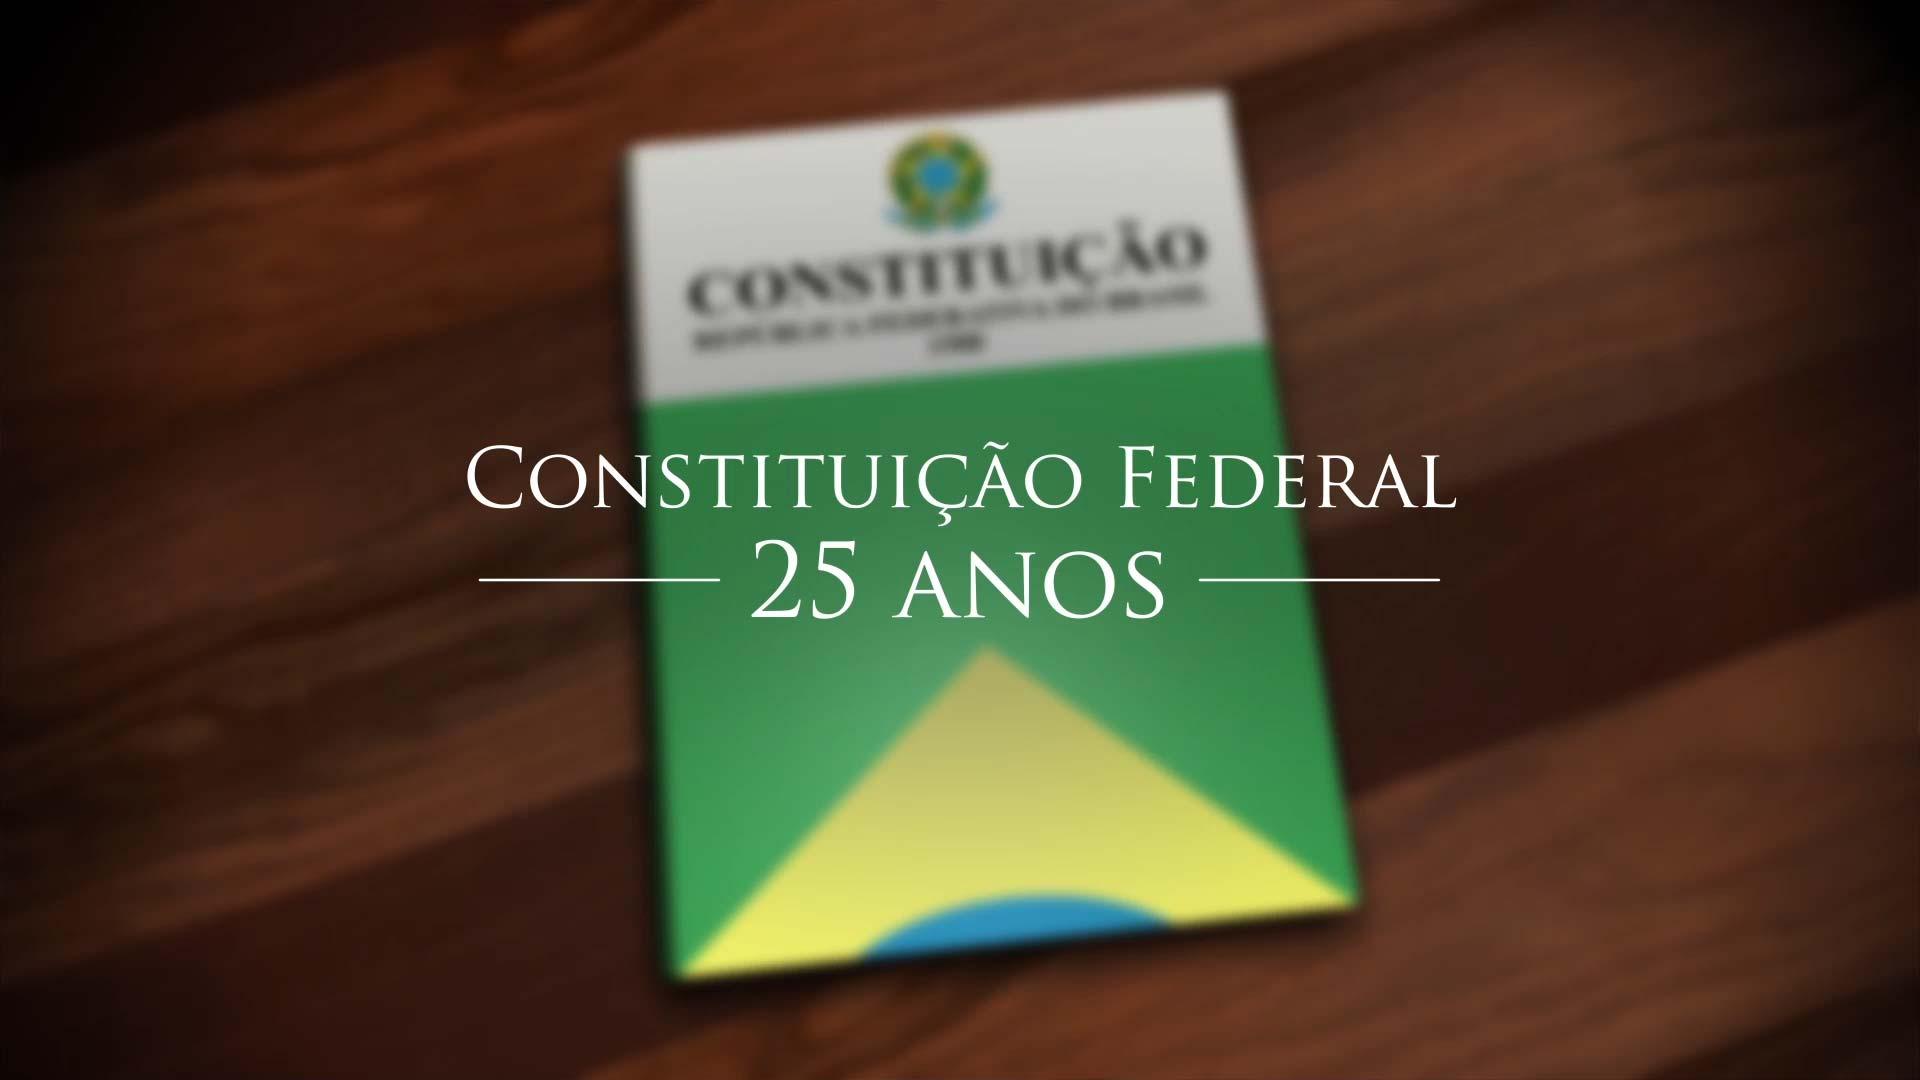 Constituição Federal - 25 anos